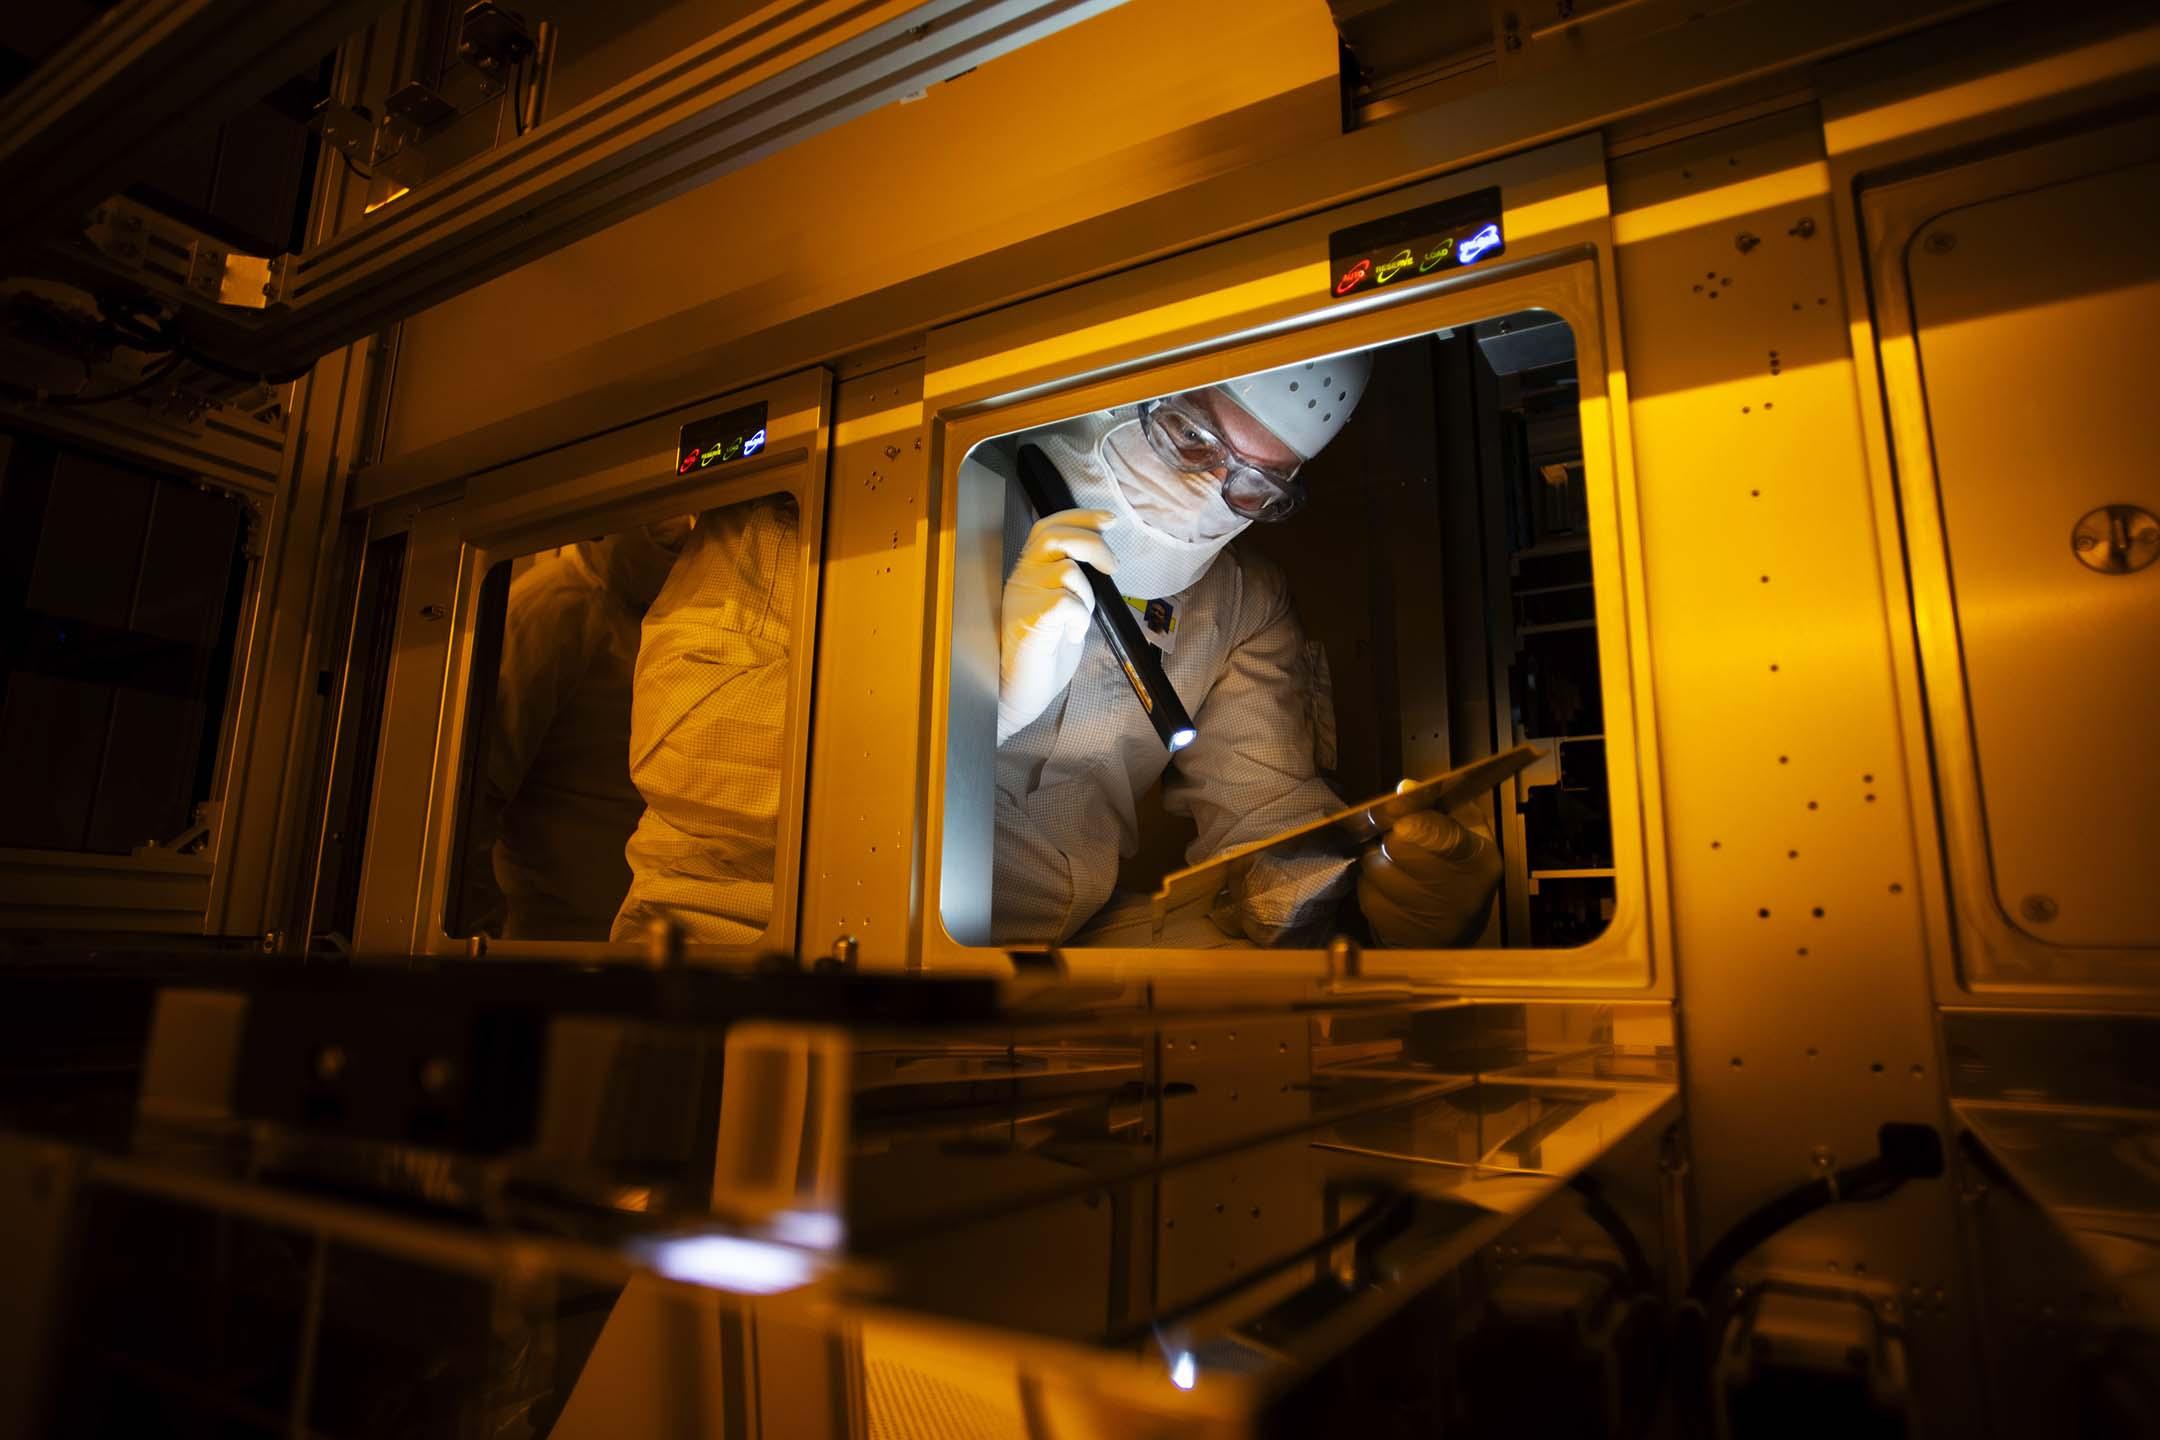 2021年2月11日,一名員工在德國的半導體工廠維護儀器。 攝:Liesa Johannssen-Koppitz/Bloomberg via Getty Images